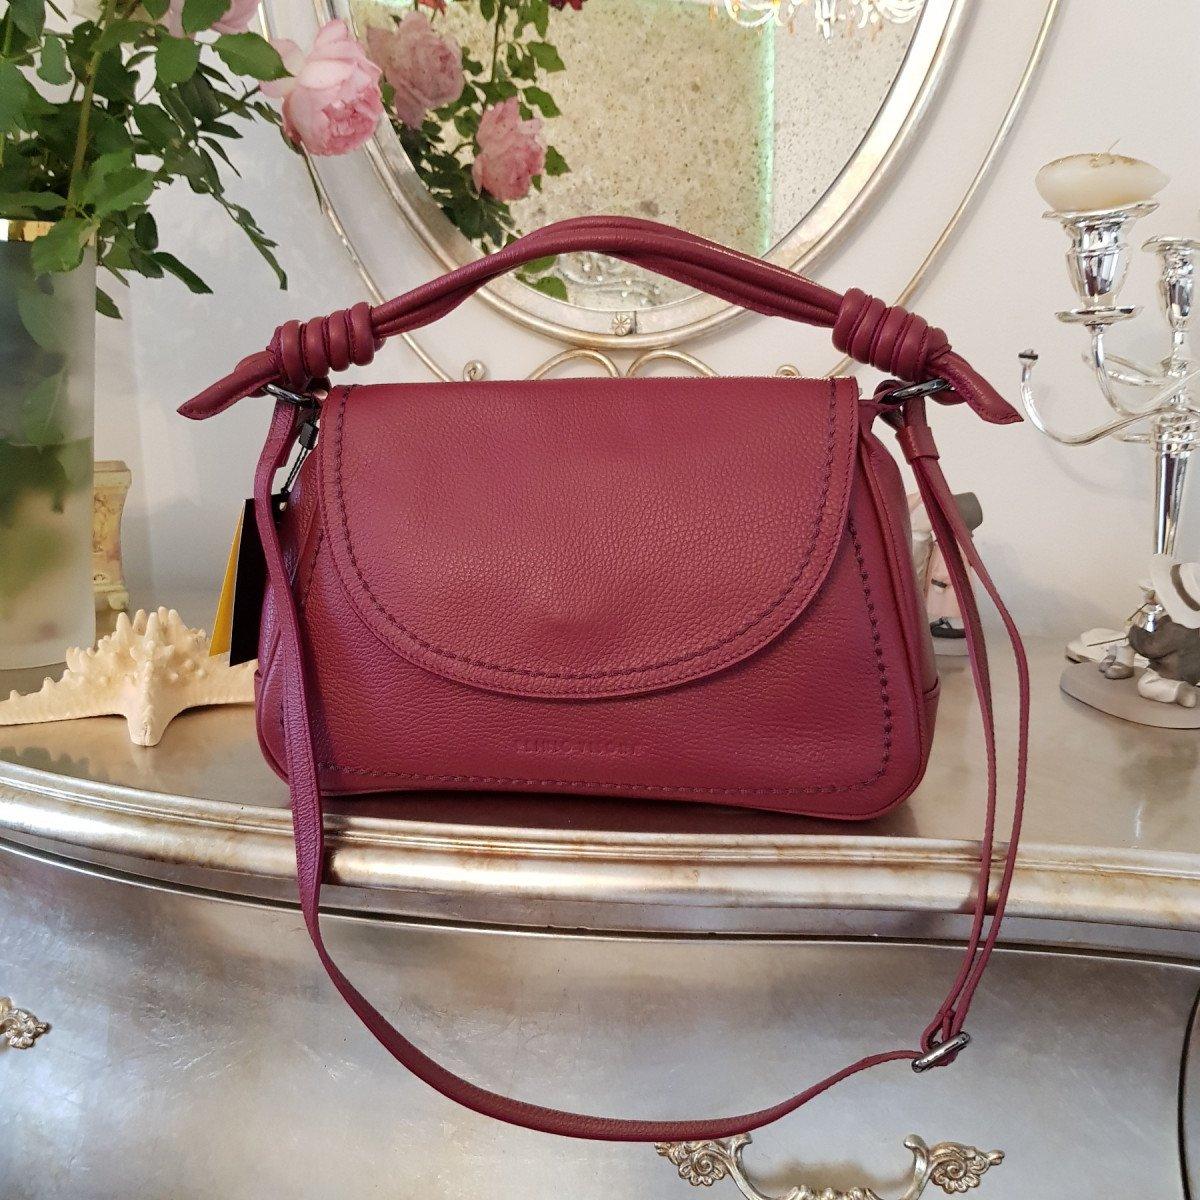 Женская кожаная сумка Plinio Visona 20551 California AMARENA из натуральной кожи